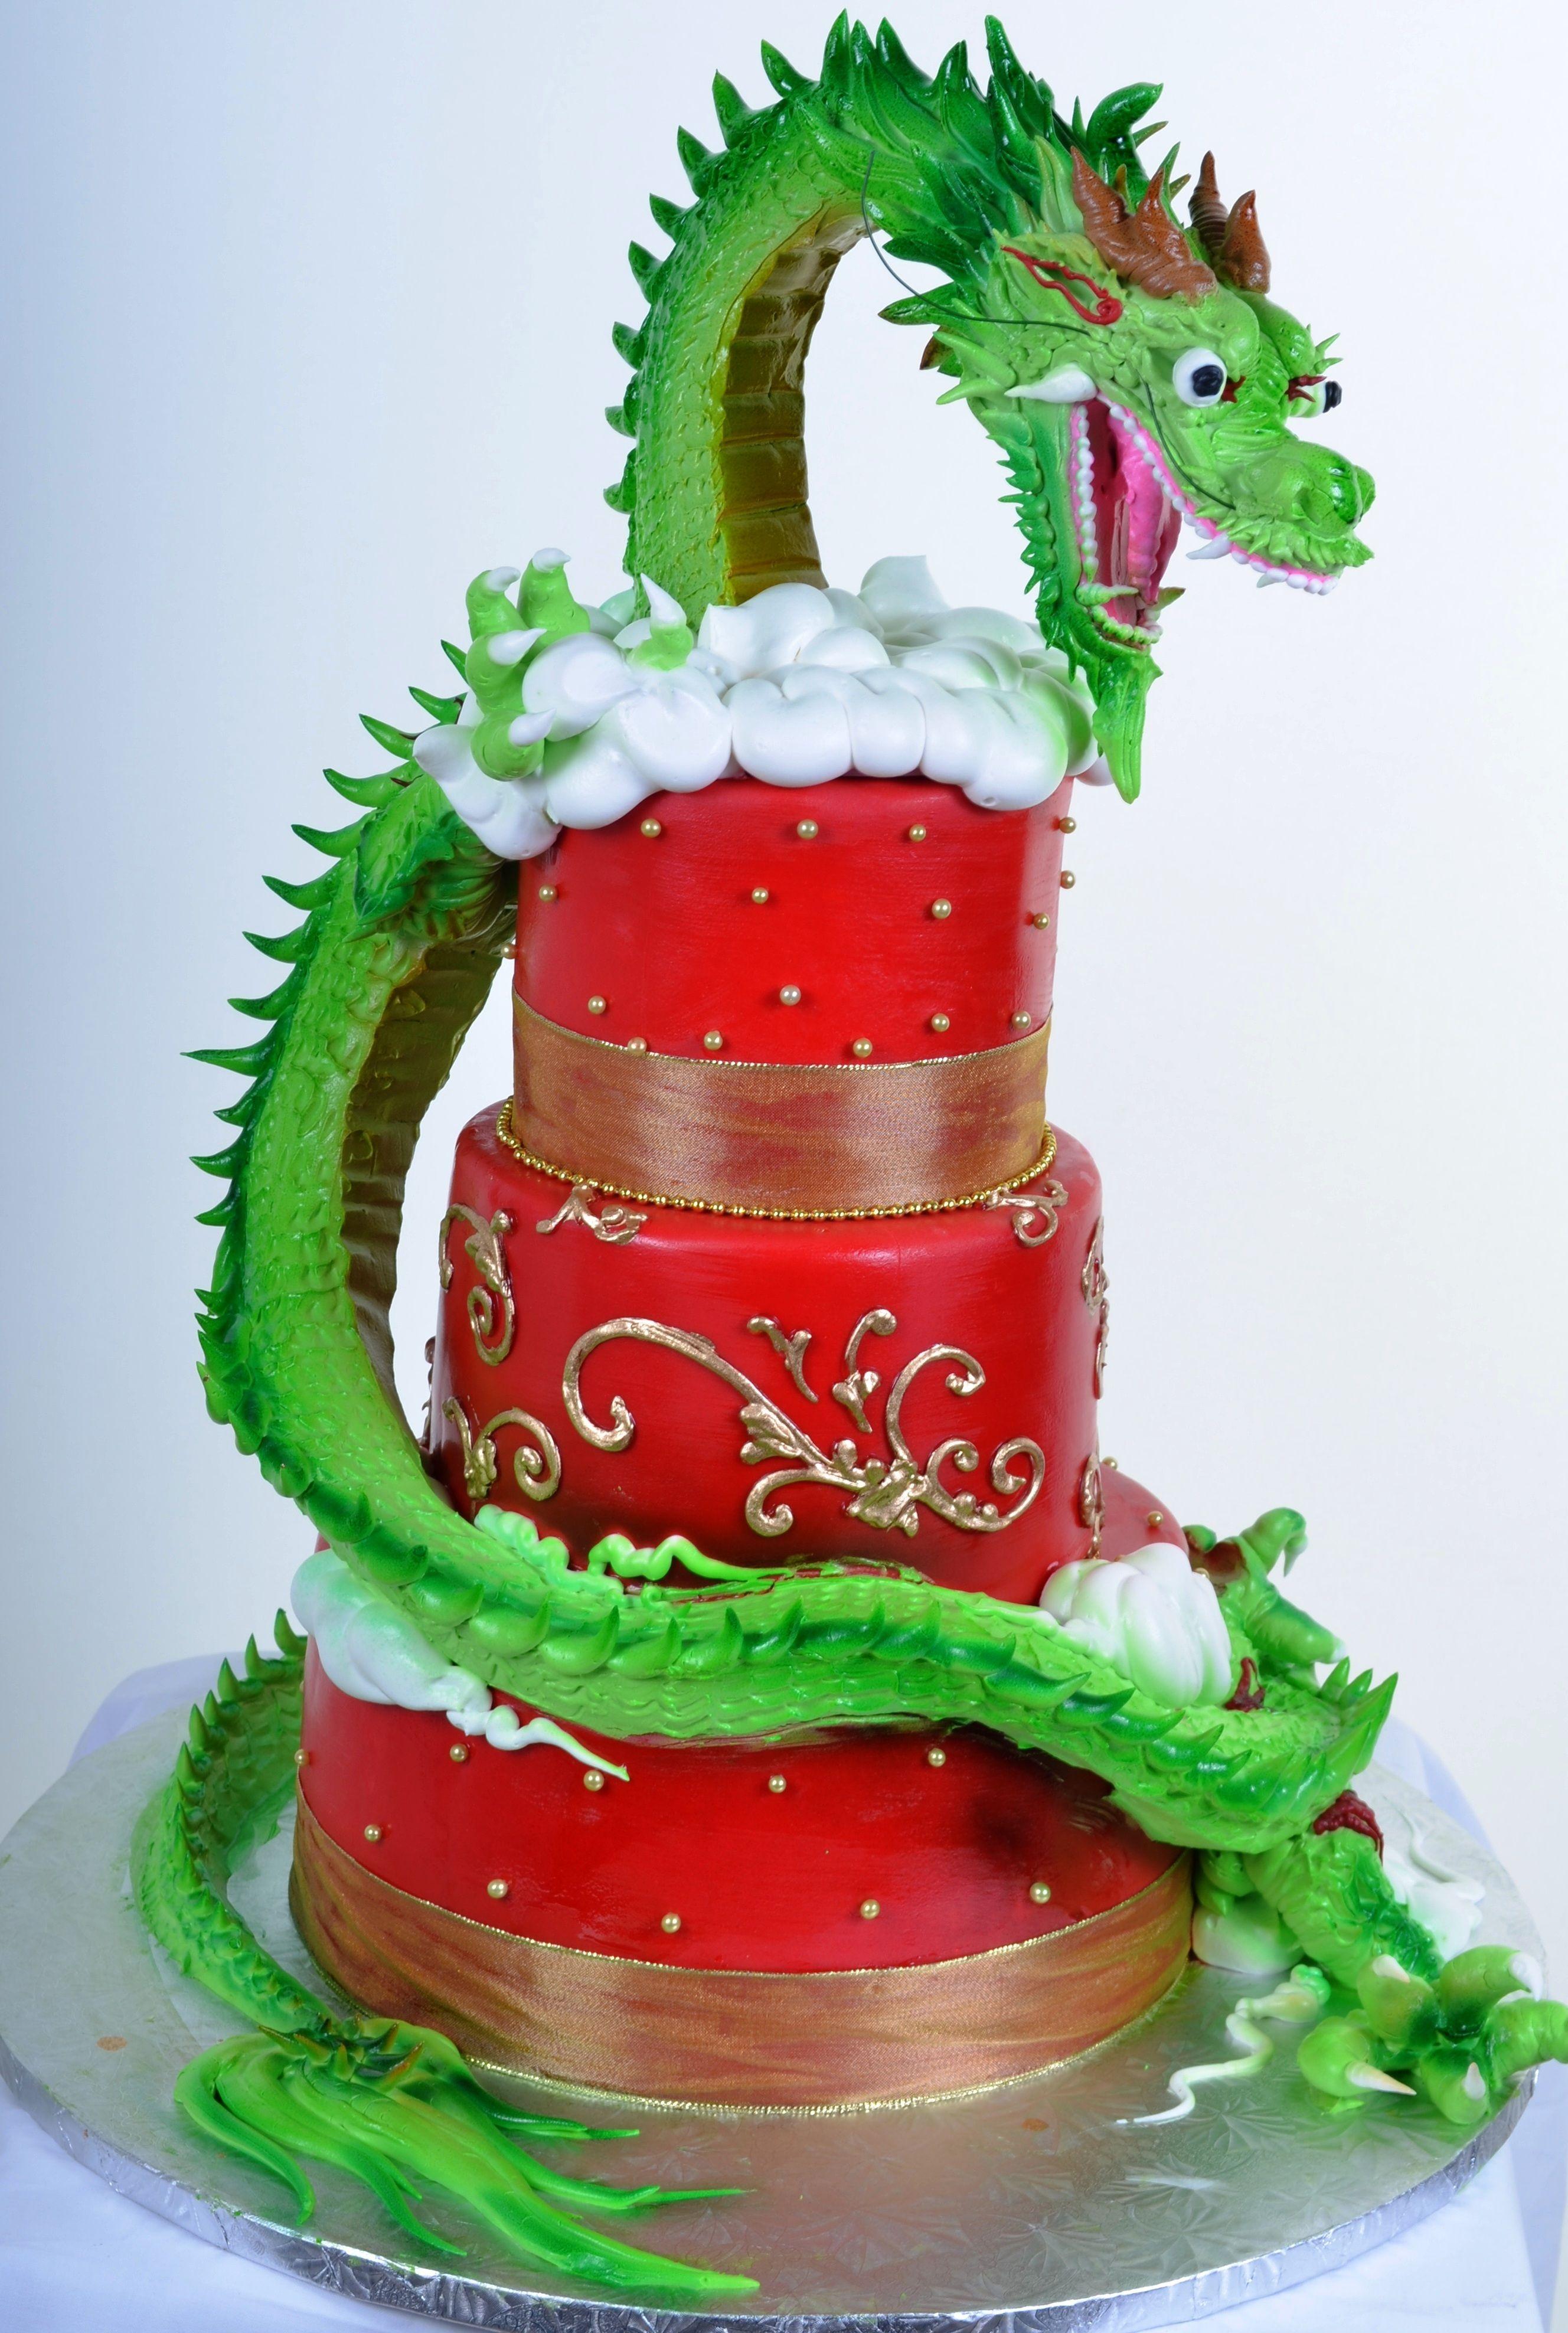 Chinese Birthday Cake Images